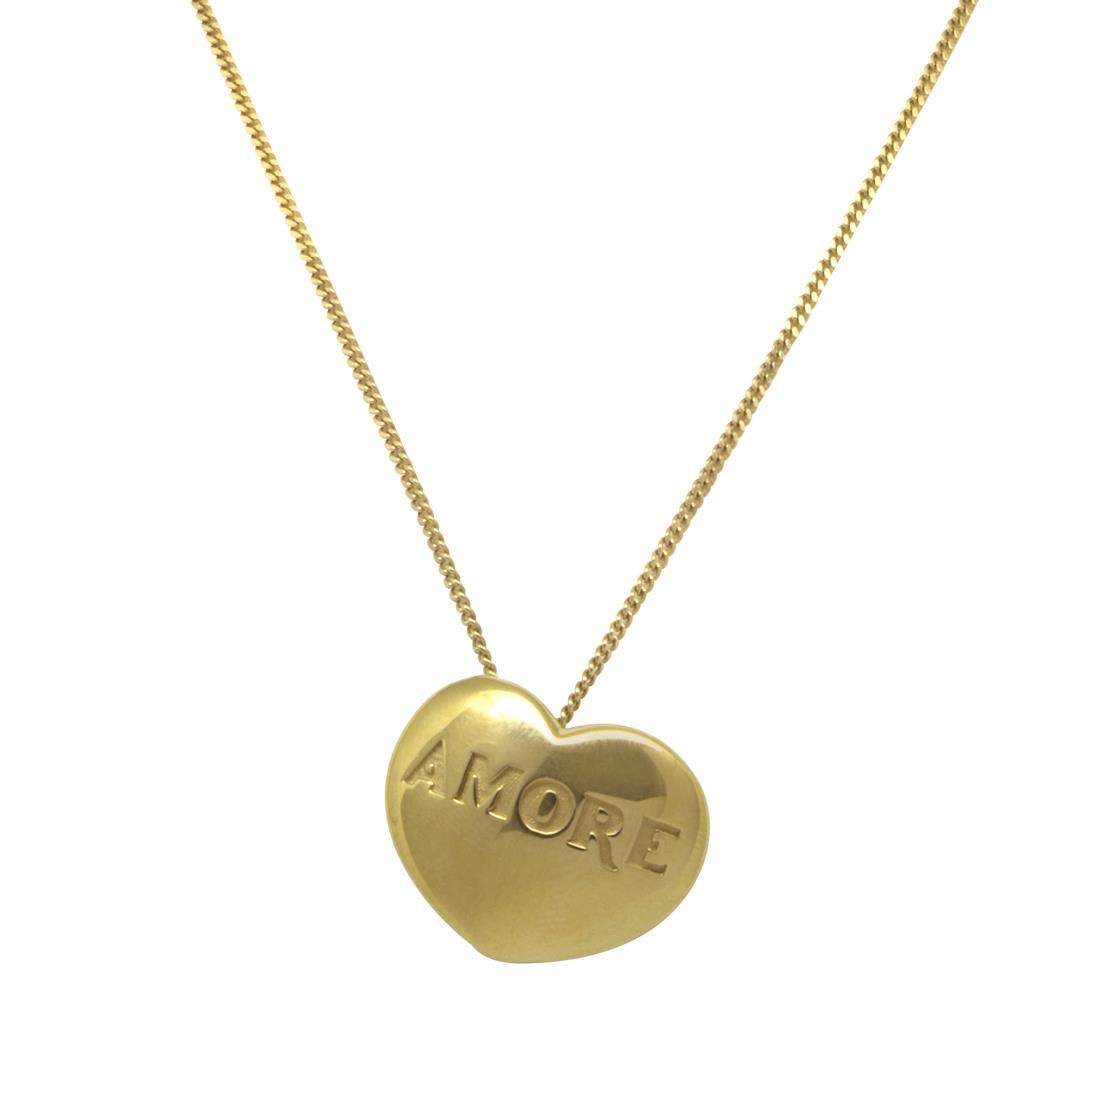 Collana in oro giallo con pendente cuore - PASQUALE BRUNI